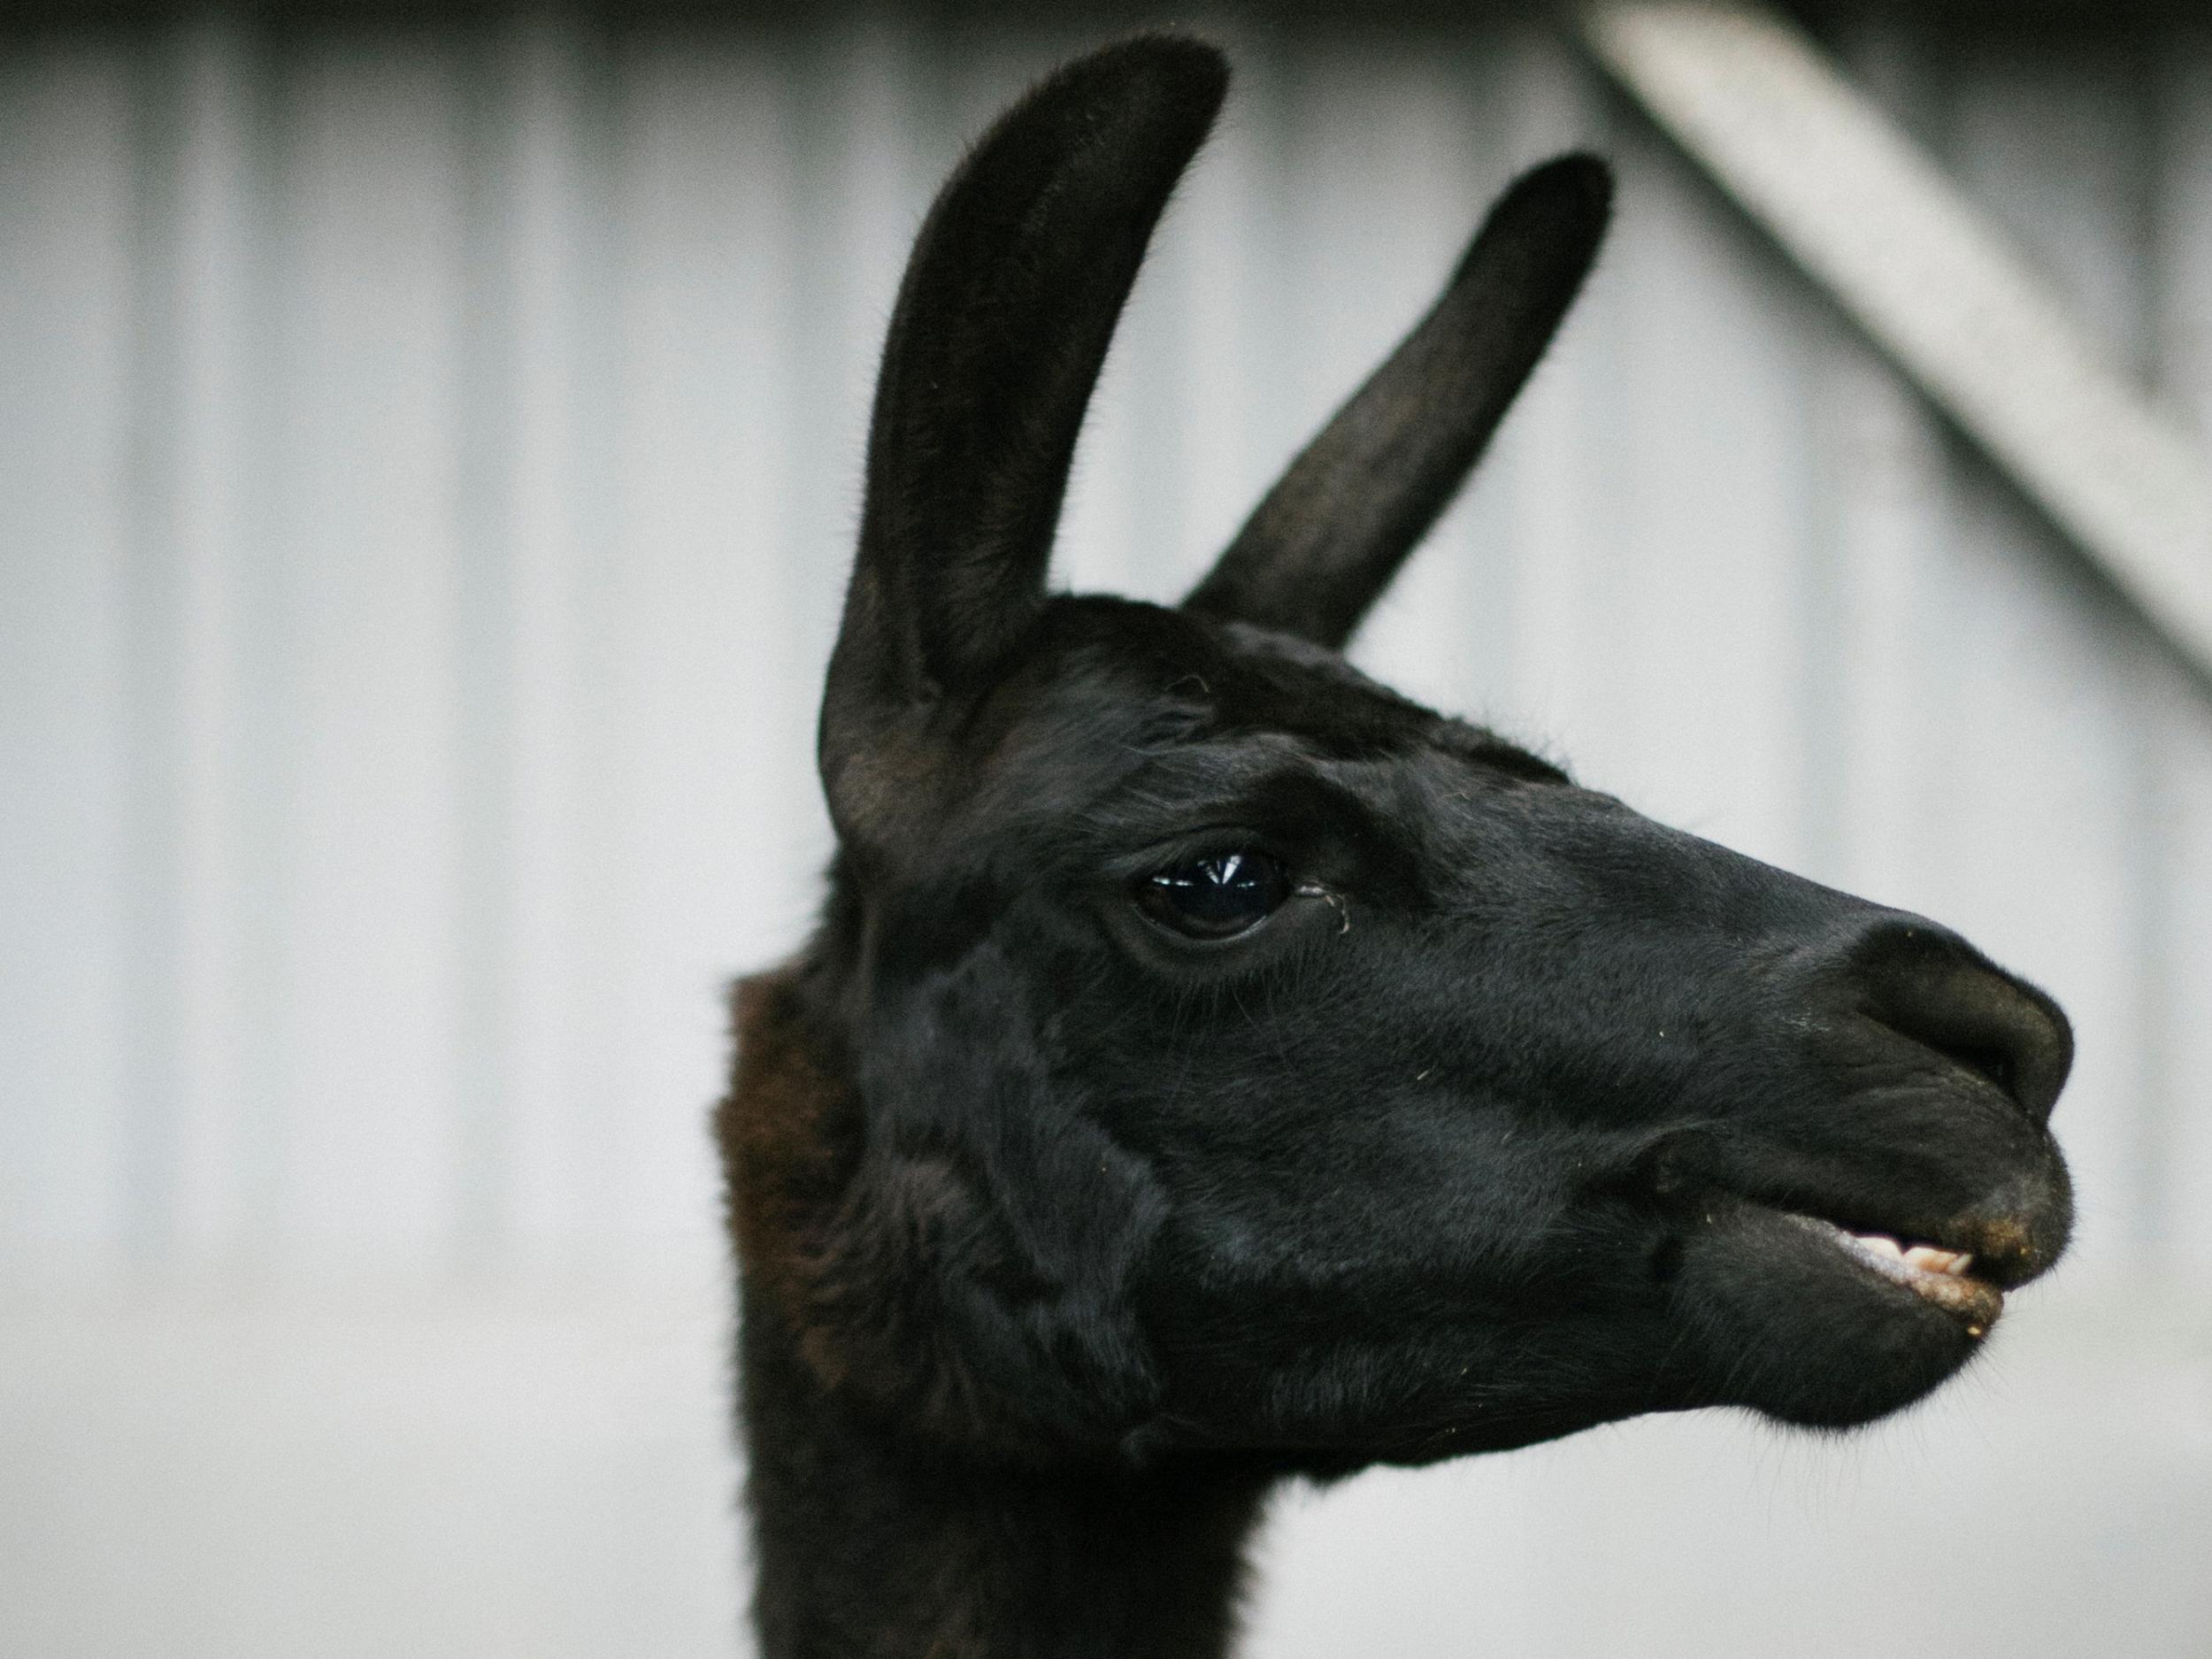 Coronavirus: Llamas offer hope in fight against the outbreak